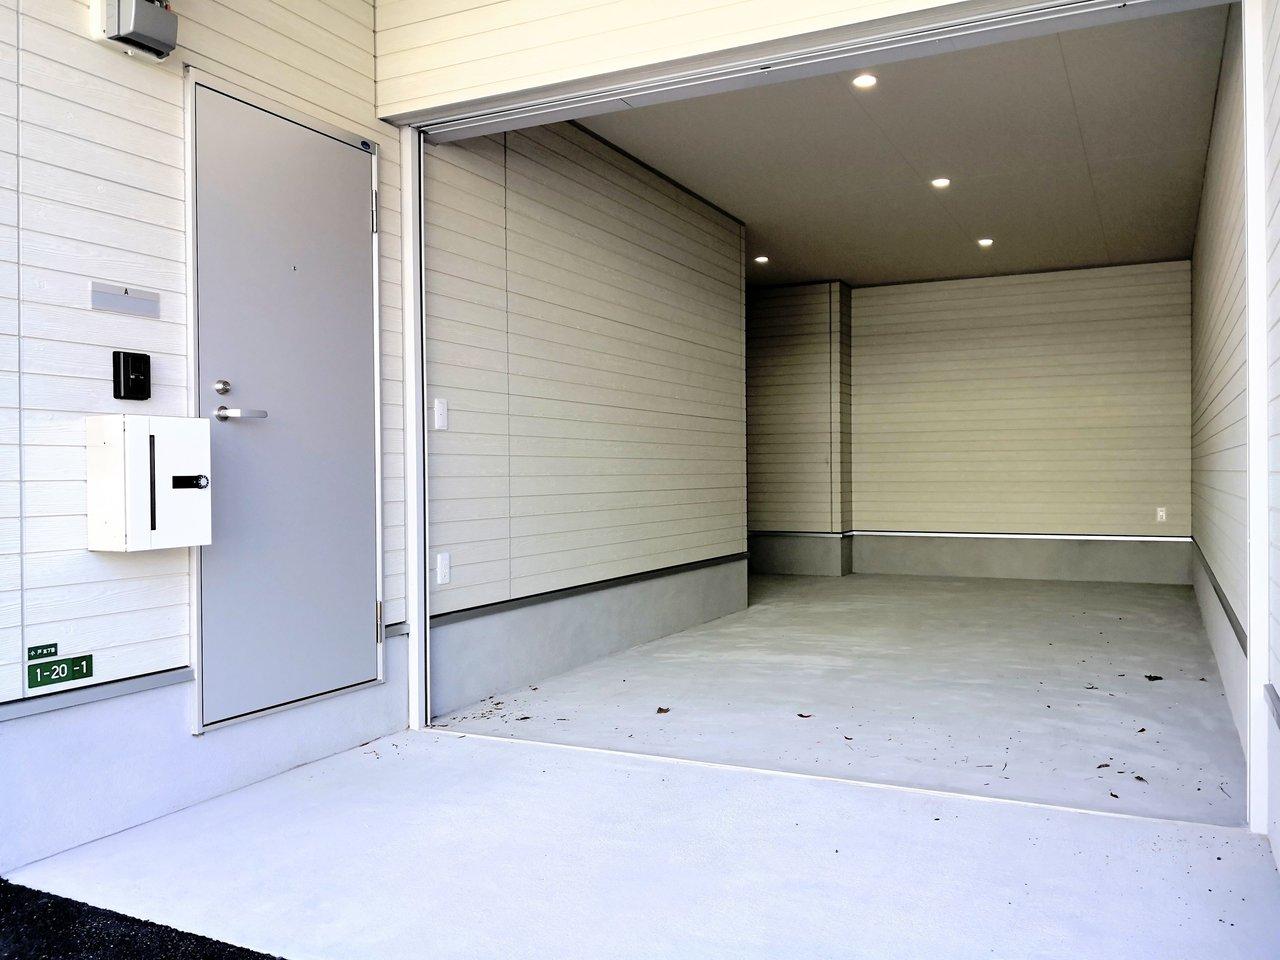 1階に車庫があり、雨に濡れずにお部屋に入れるありがたいメゾネットです。